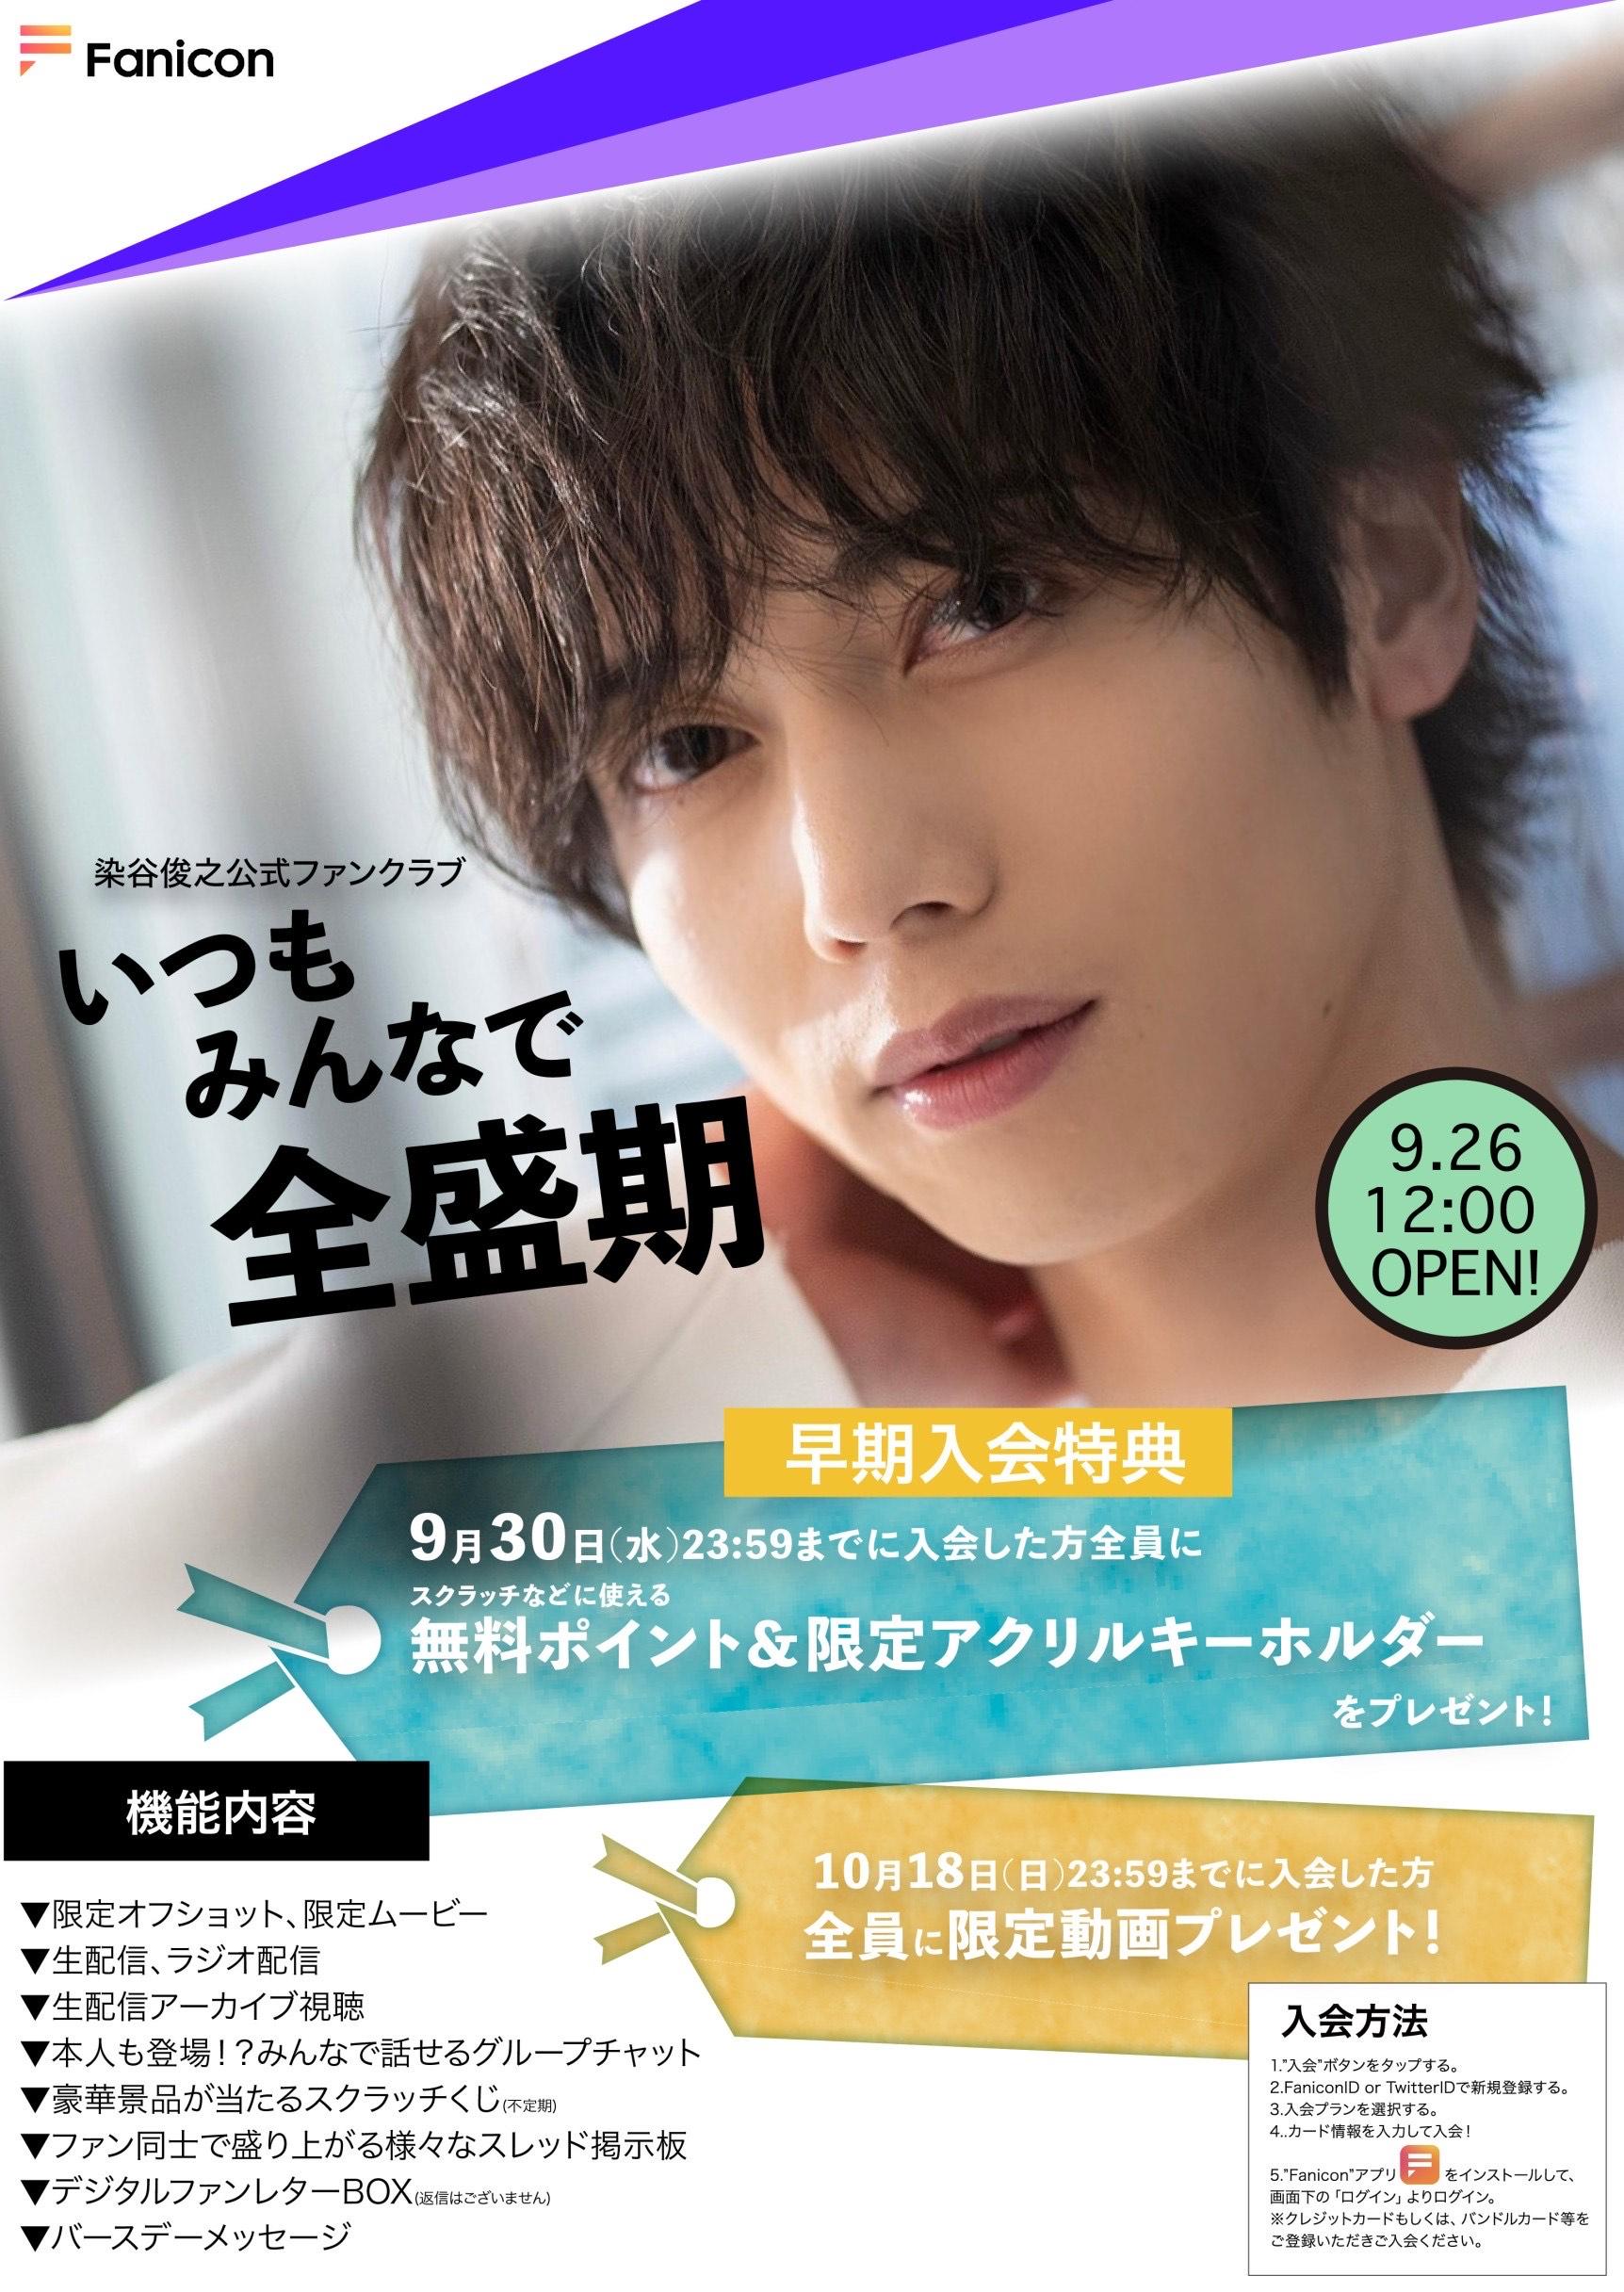 染谷俊之のファンクラブがリニューアル、「Fanicon」で入会受付開始 イメージ画像